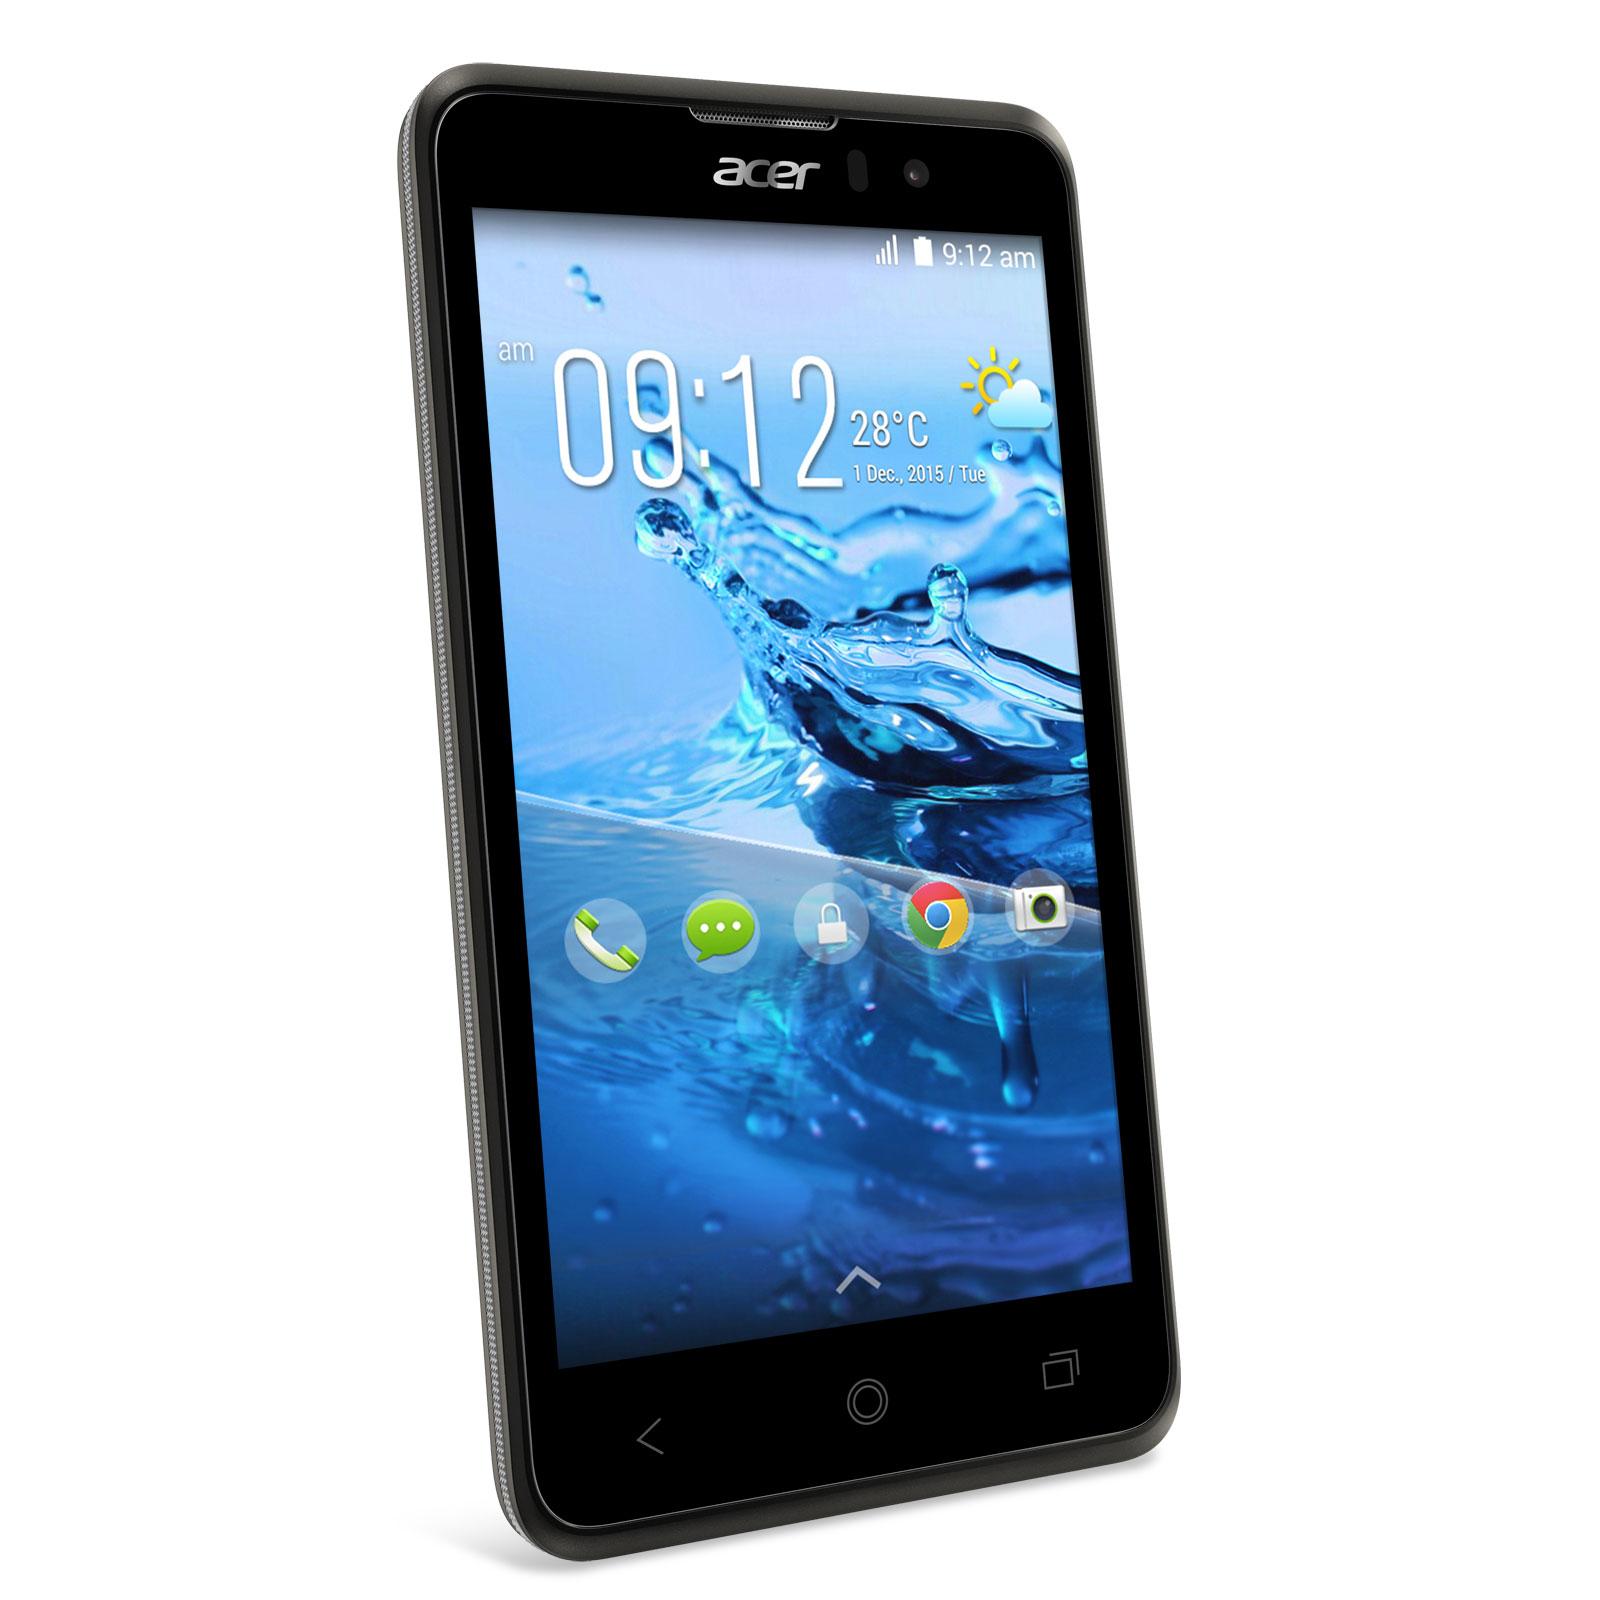 acer liquid z520 noir mobile smartphone acer sur ldlc. Black Bedroom Furniture Sets. Home Design Ideas